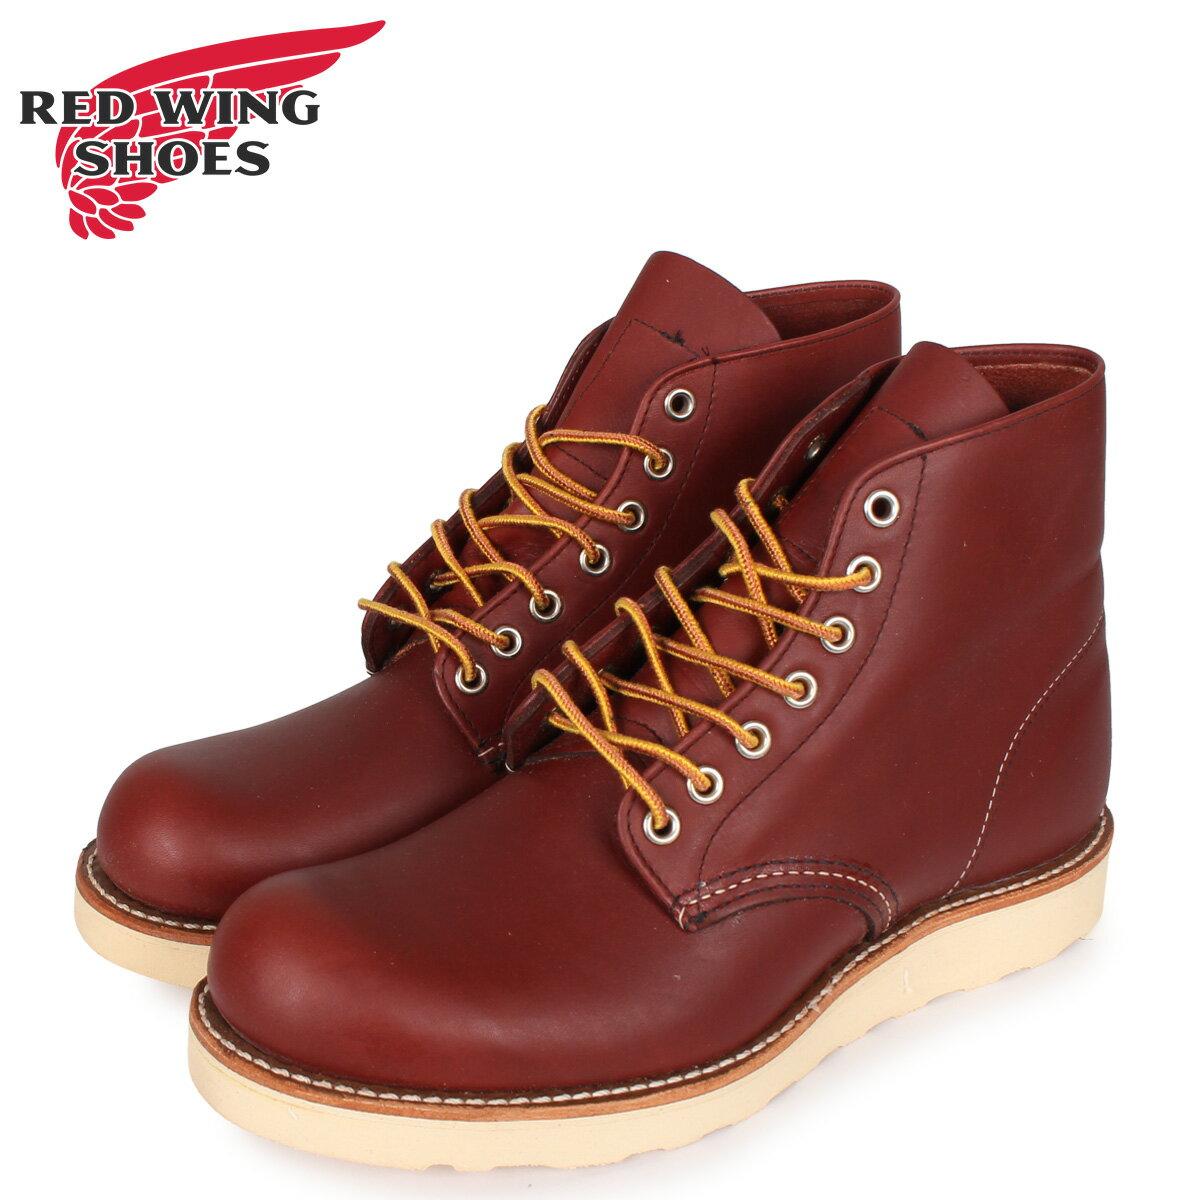 ブーツ, ワーク  RED WING 6INCH ROUND TOE 6 D 9105